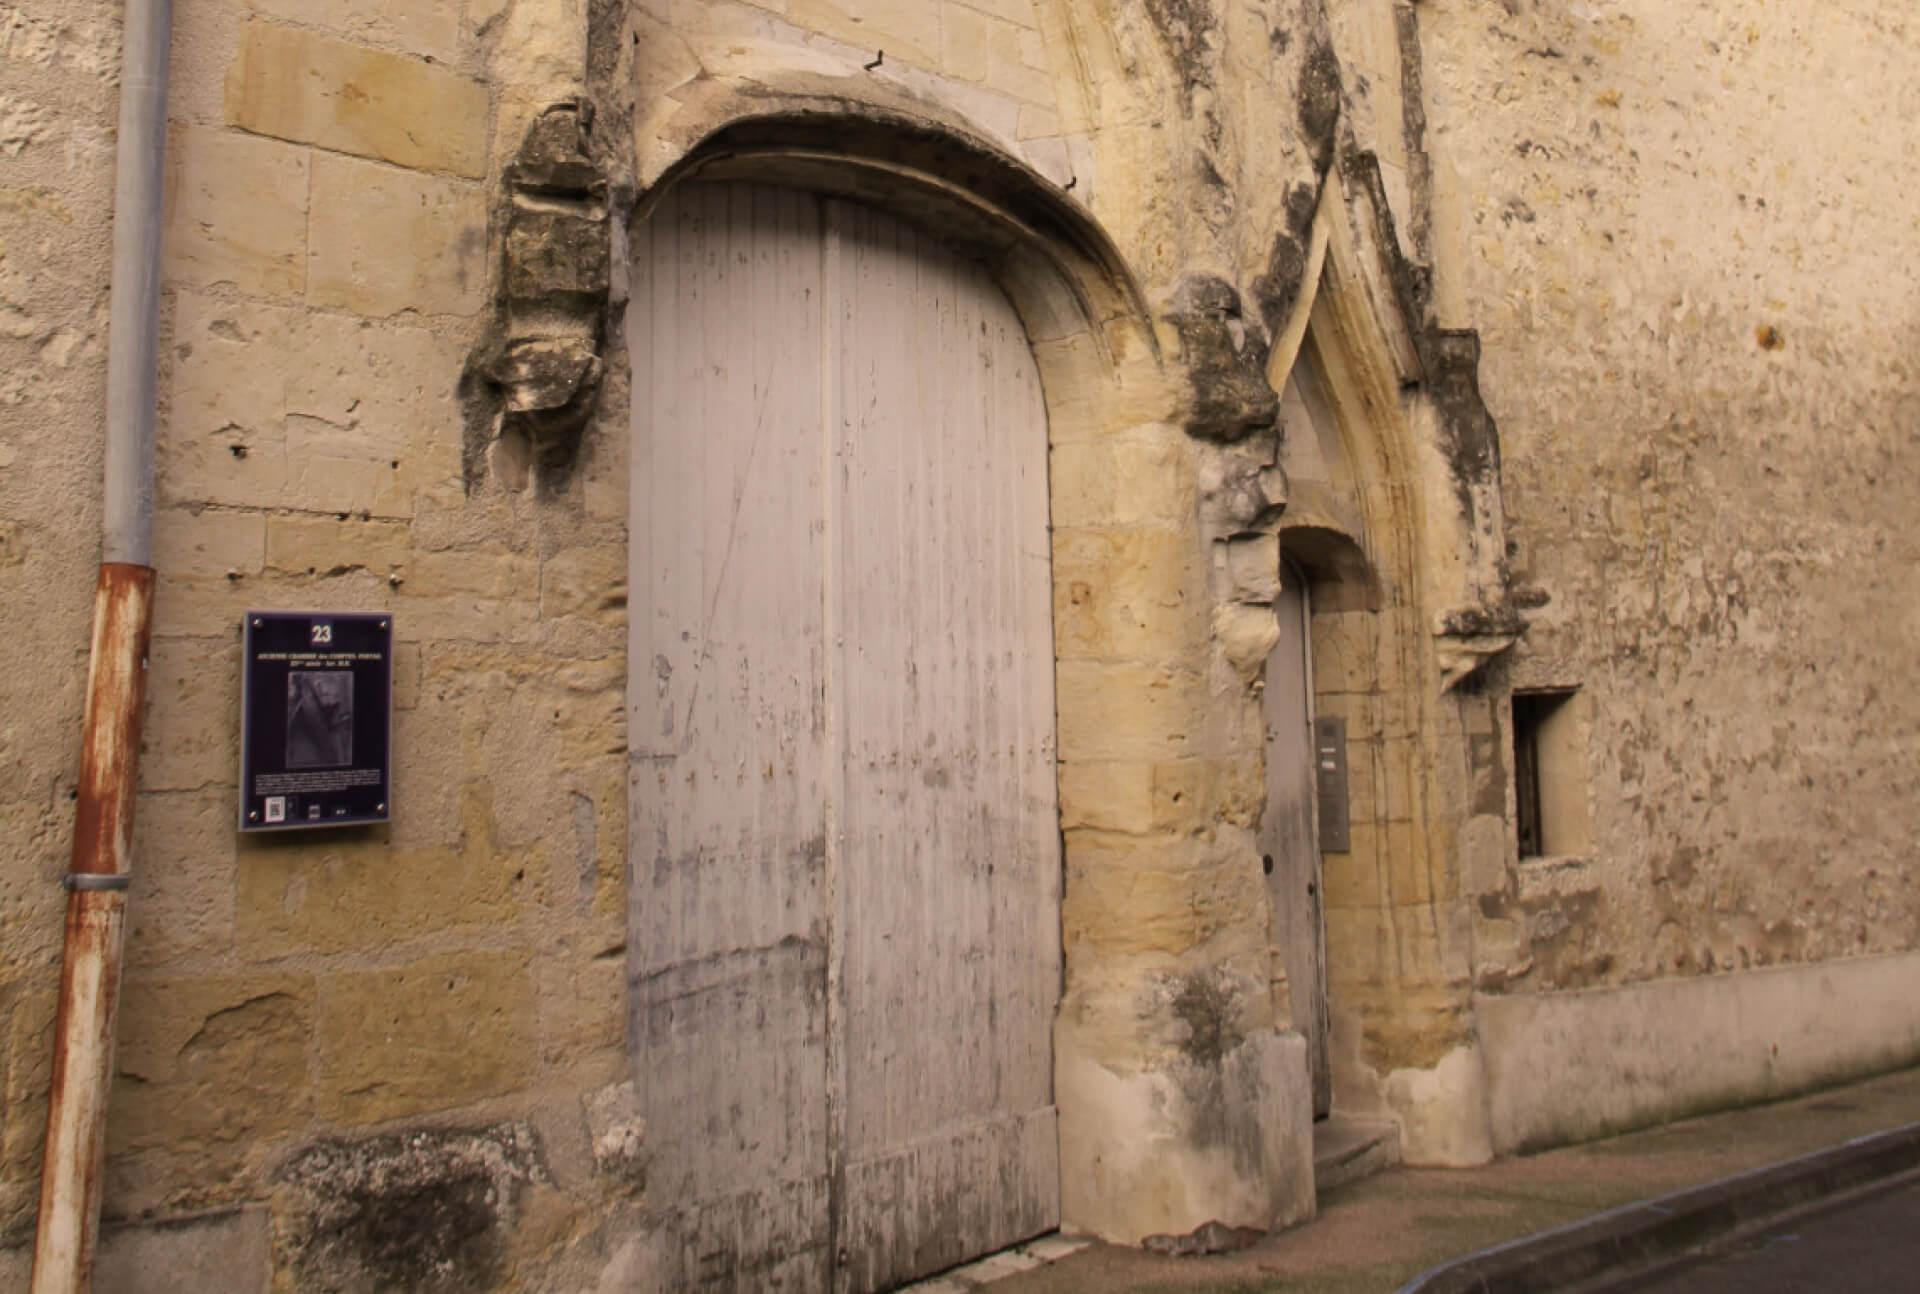 L'ancienne Chambre des comptes de Nevers devenue prison